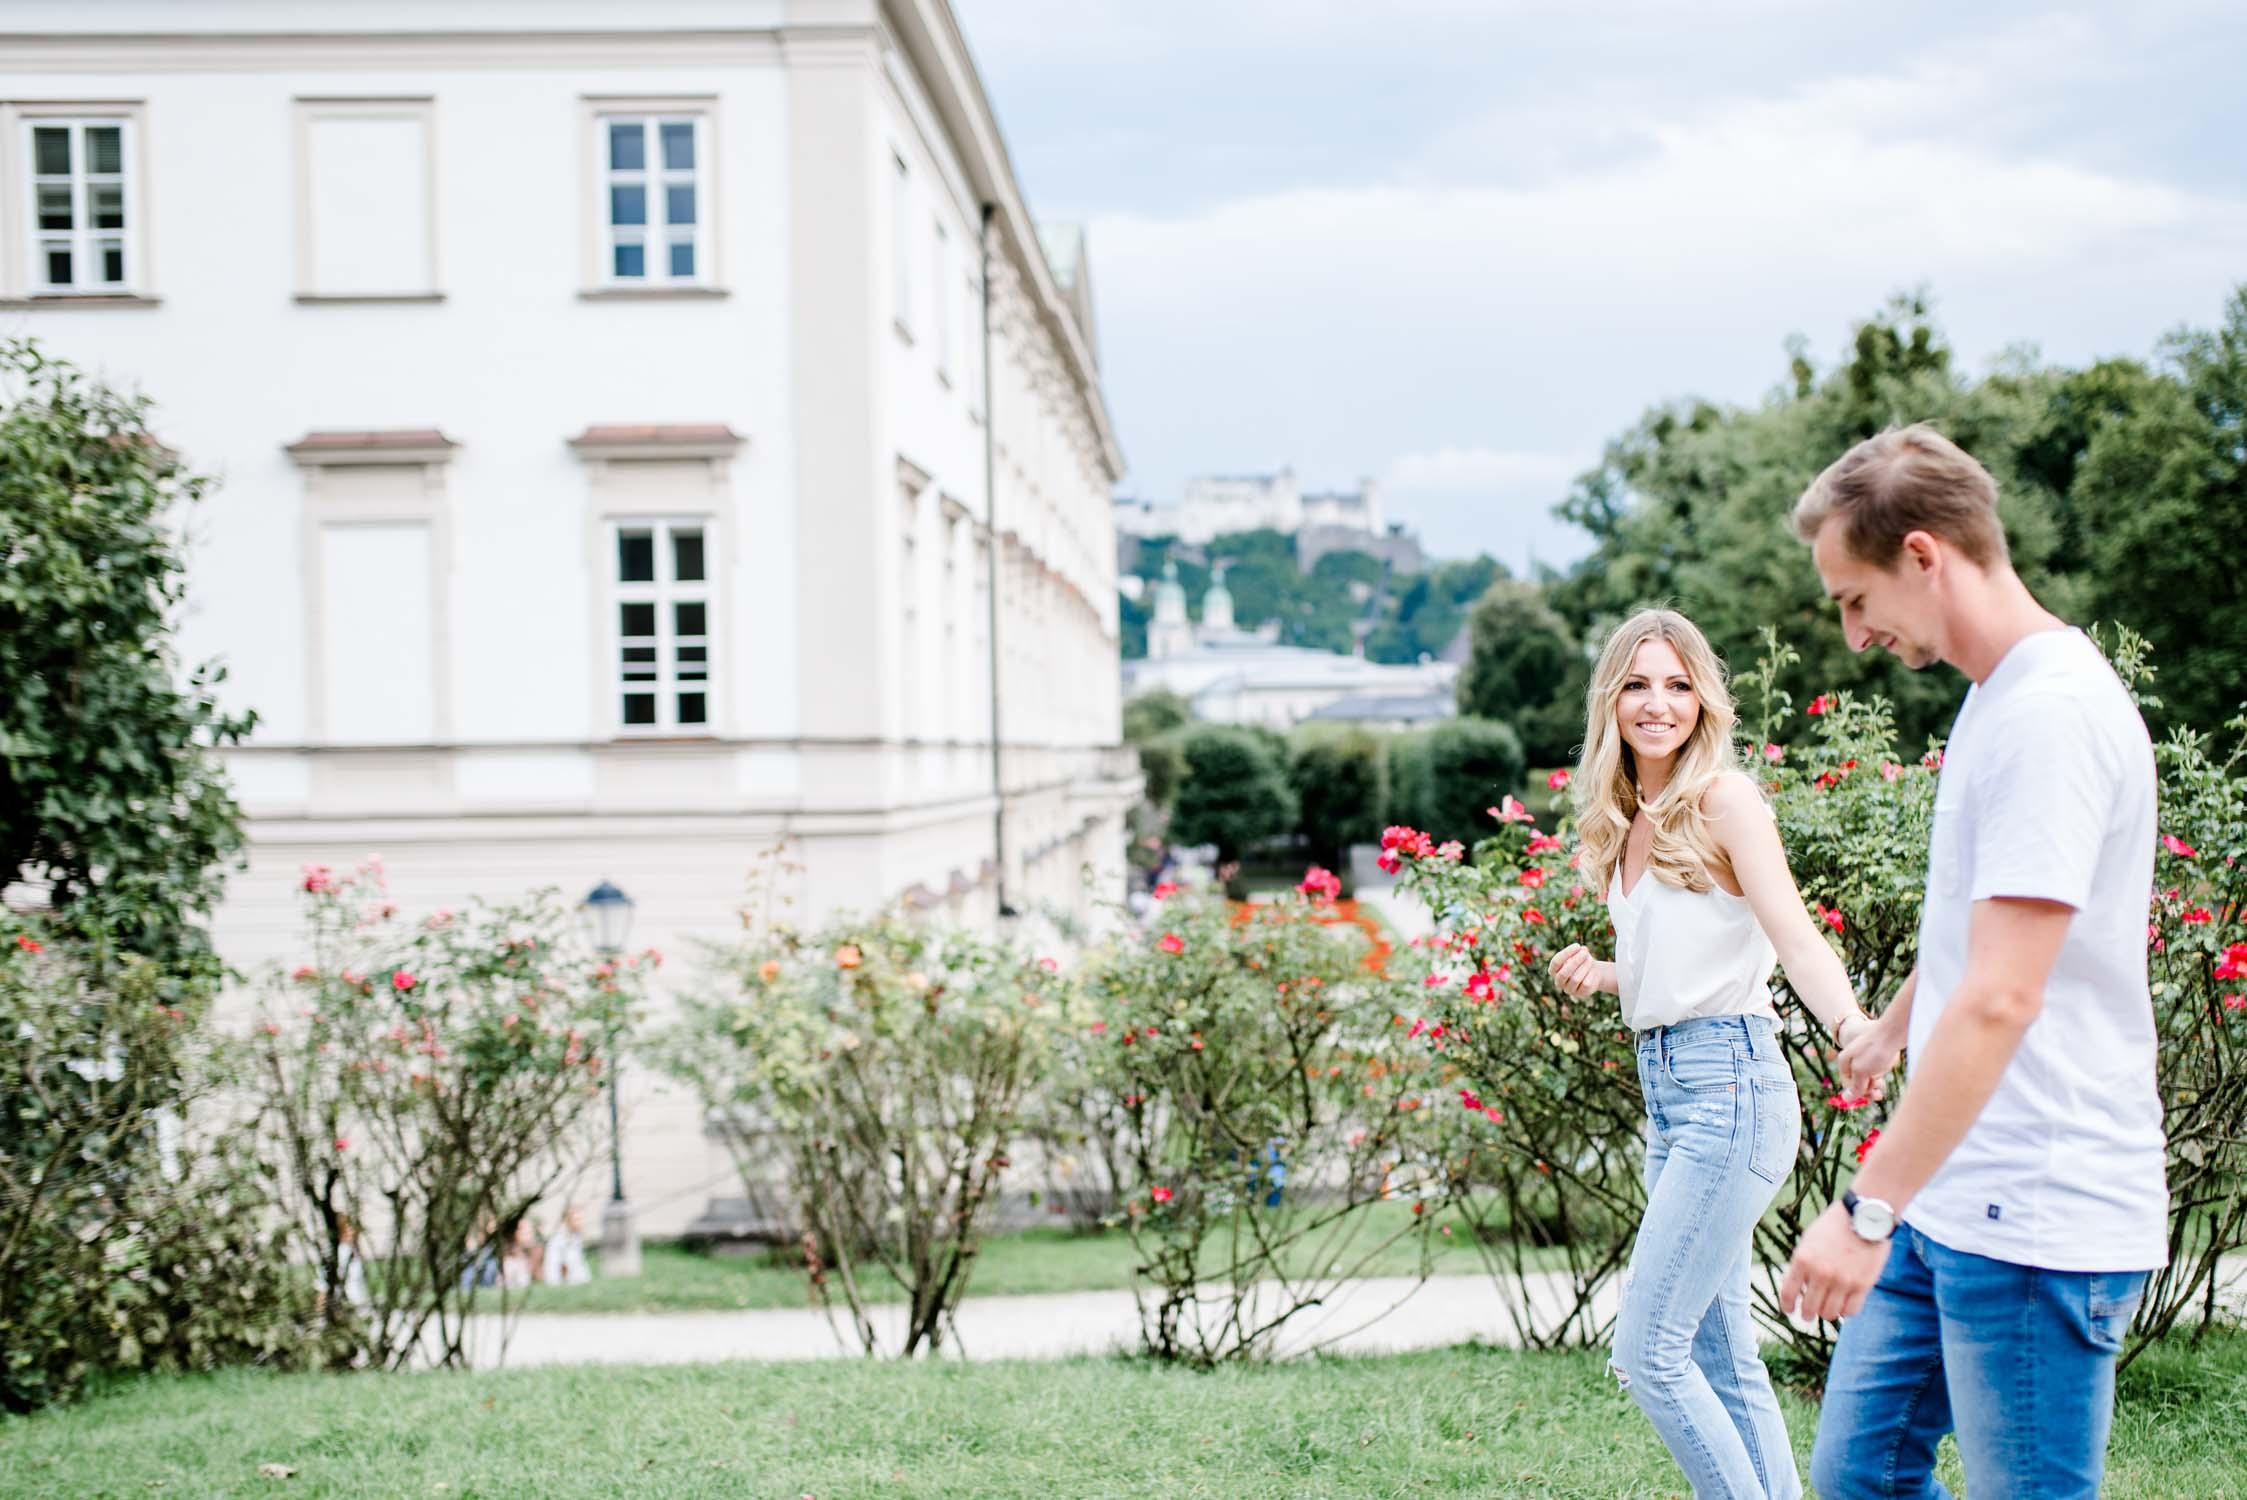 mirabellgarten salzburg tipps cafes restaurants plätze sightseeing blogger must see salzburg